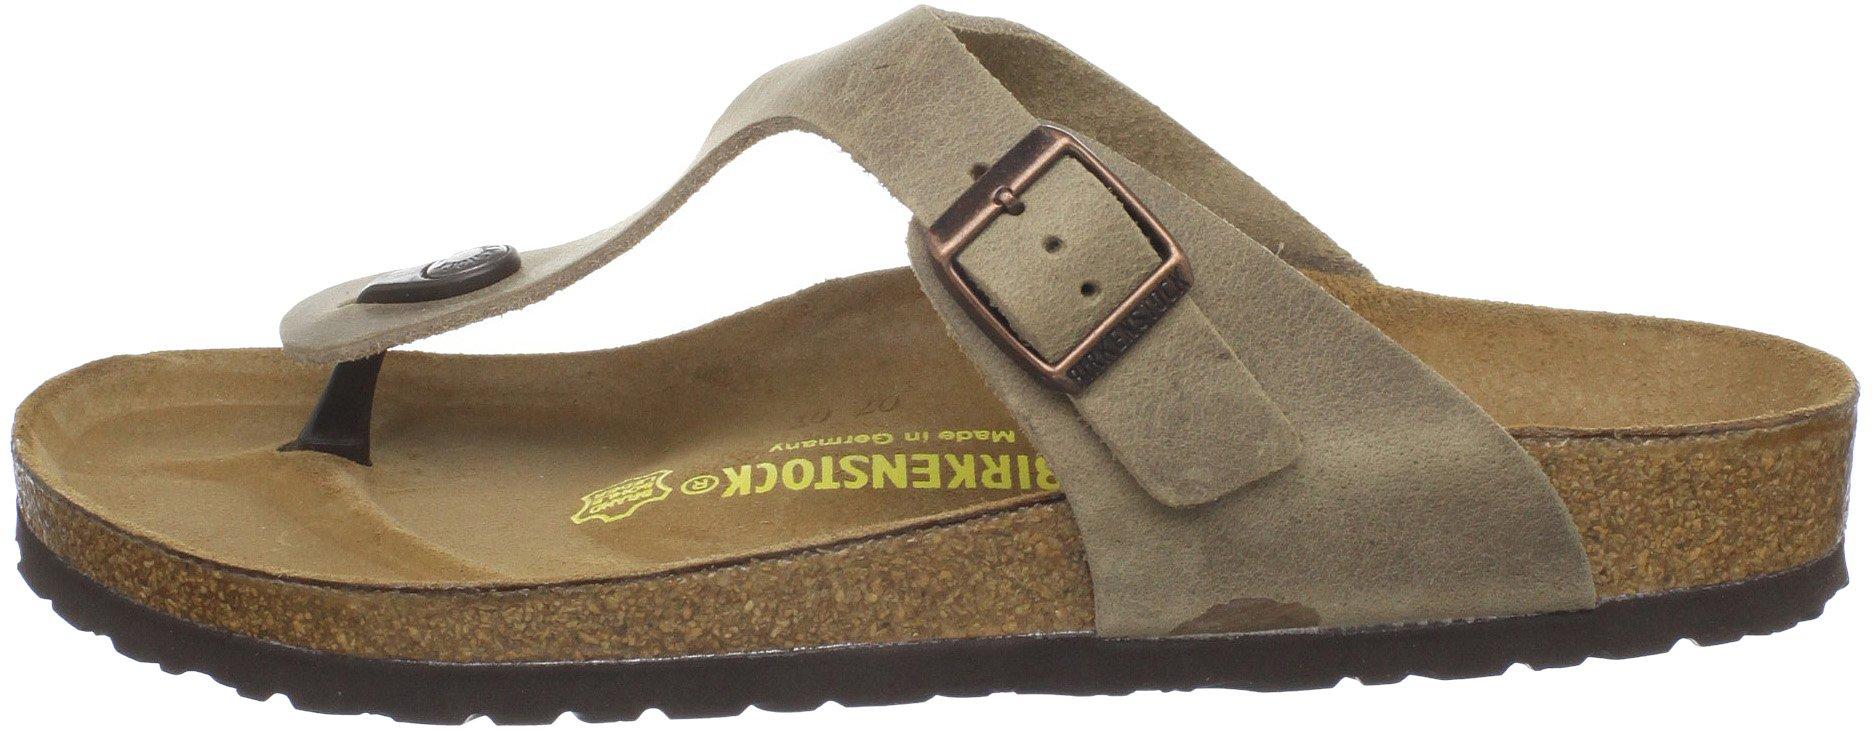 Birkenstock-Women-039-s-Gizeh-Thong-Sandals thumbnail 21